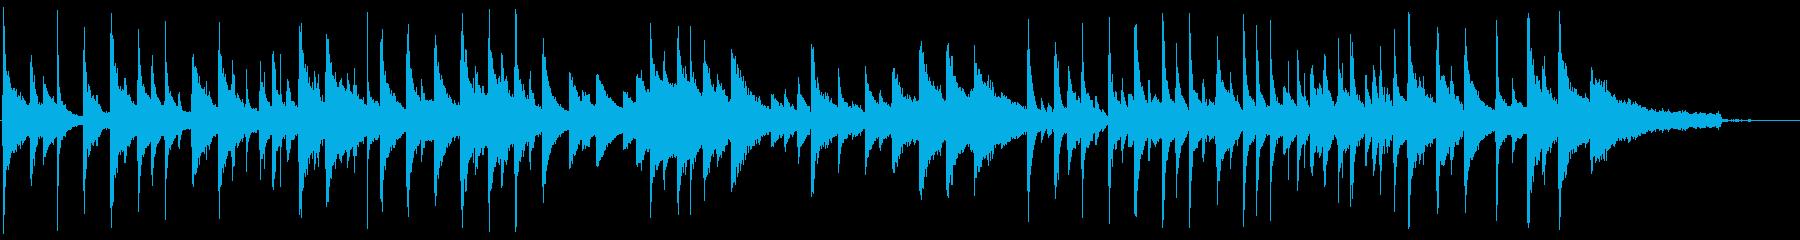 モダンな純邦楽風・和風の小曲の再生済みの波形